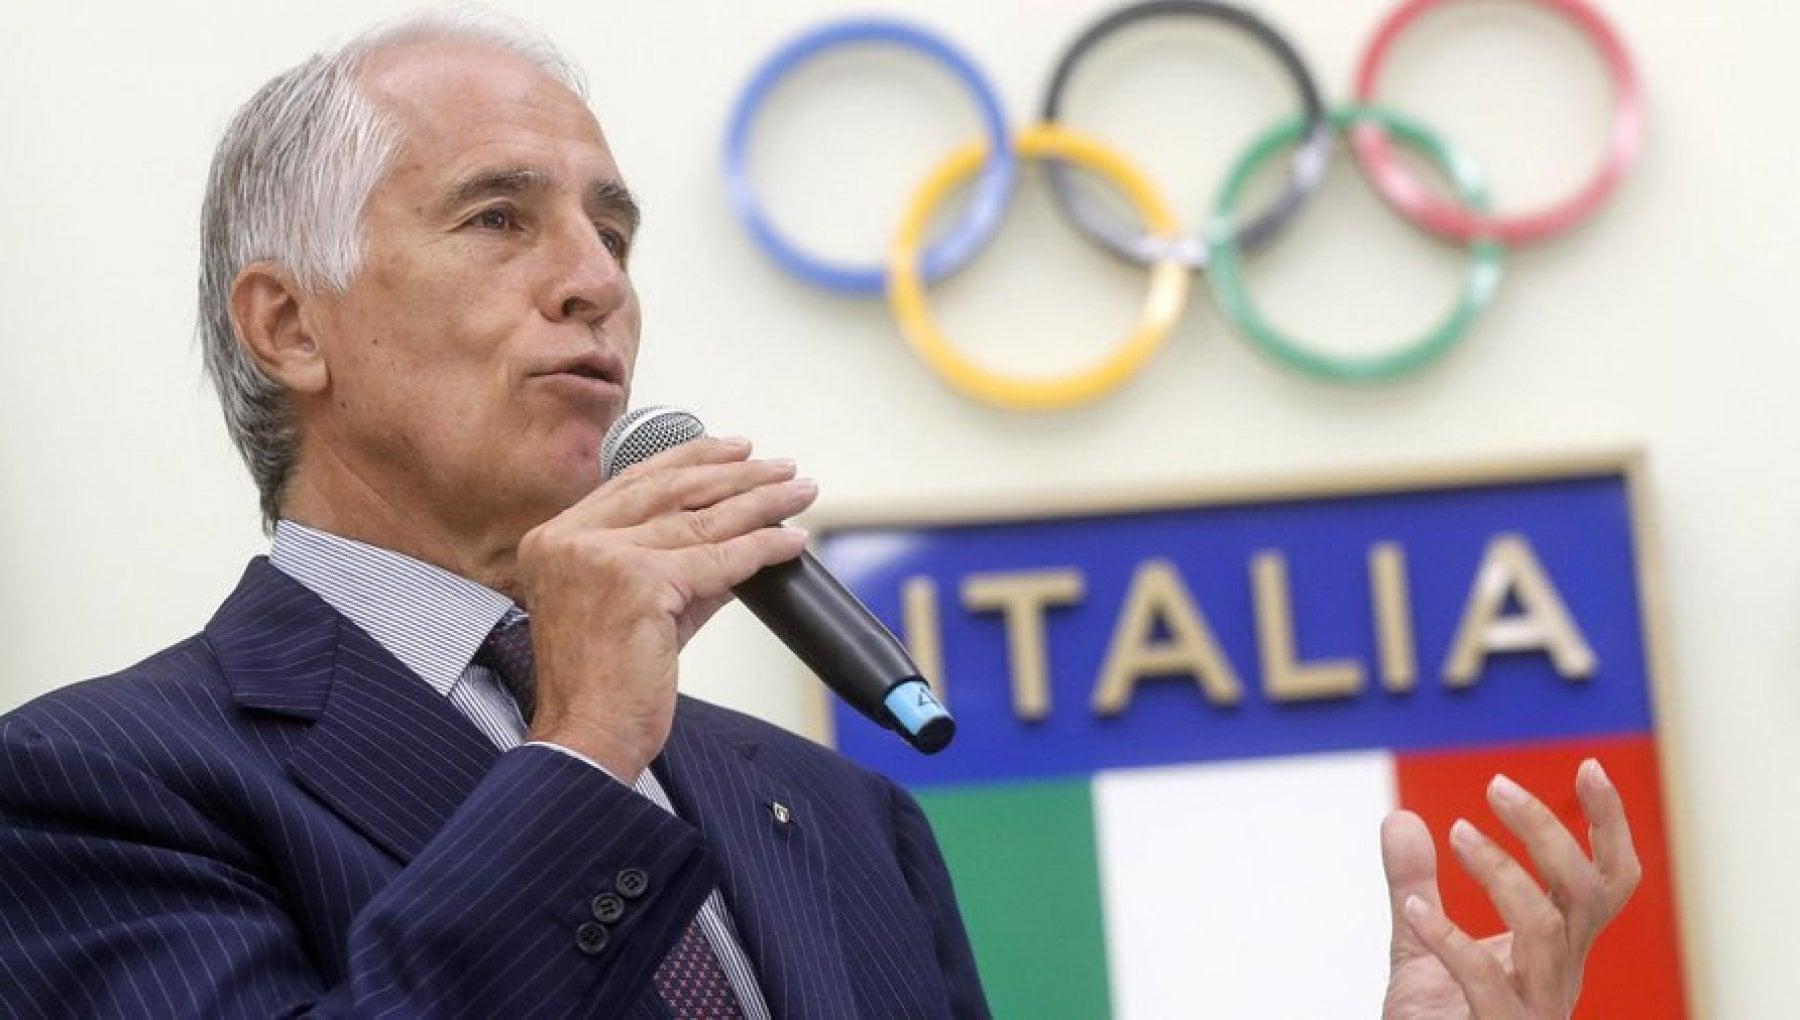 Olimpiadi Malago Situazione drammatica serve intervento tampone del Governo